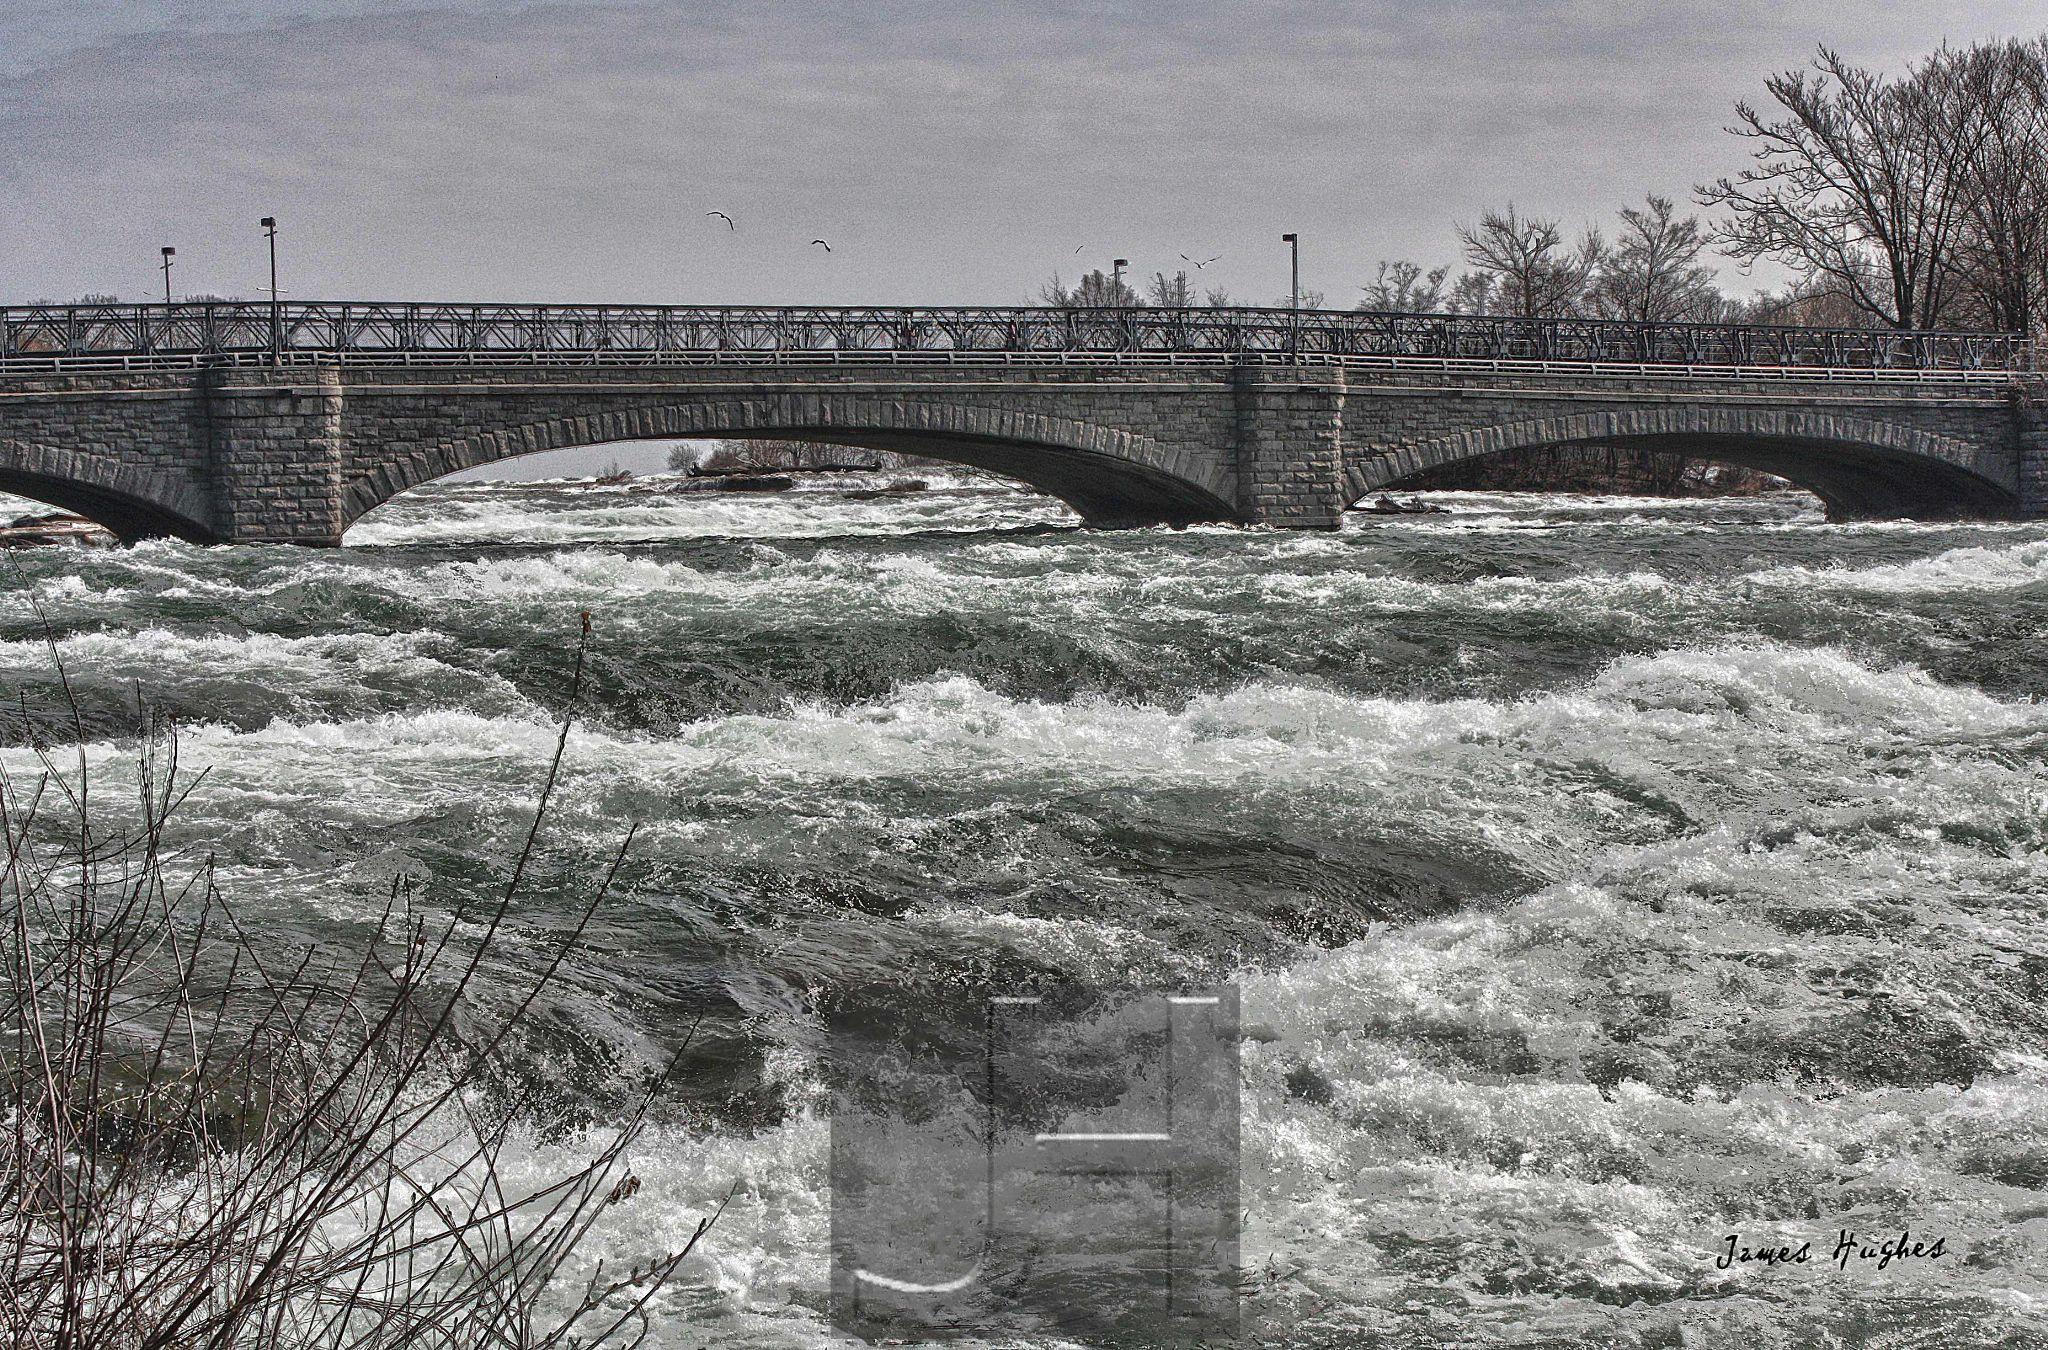 Niagara River by James Hughes Photography